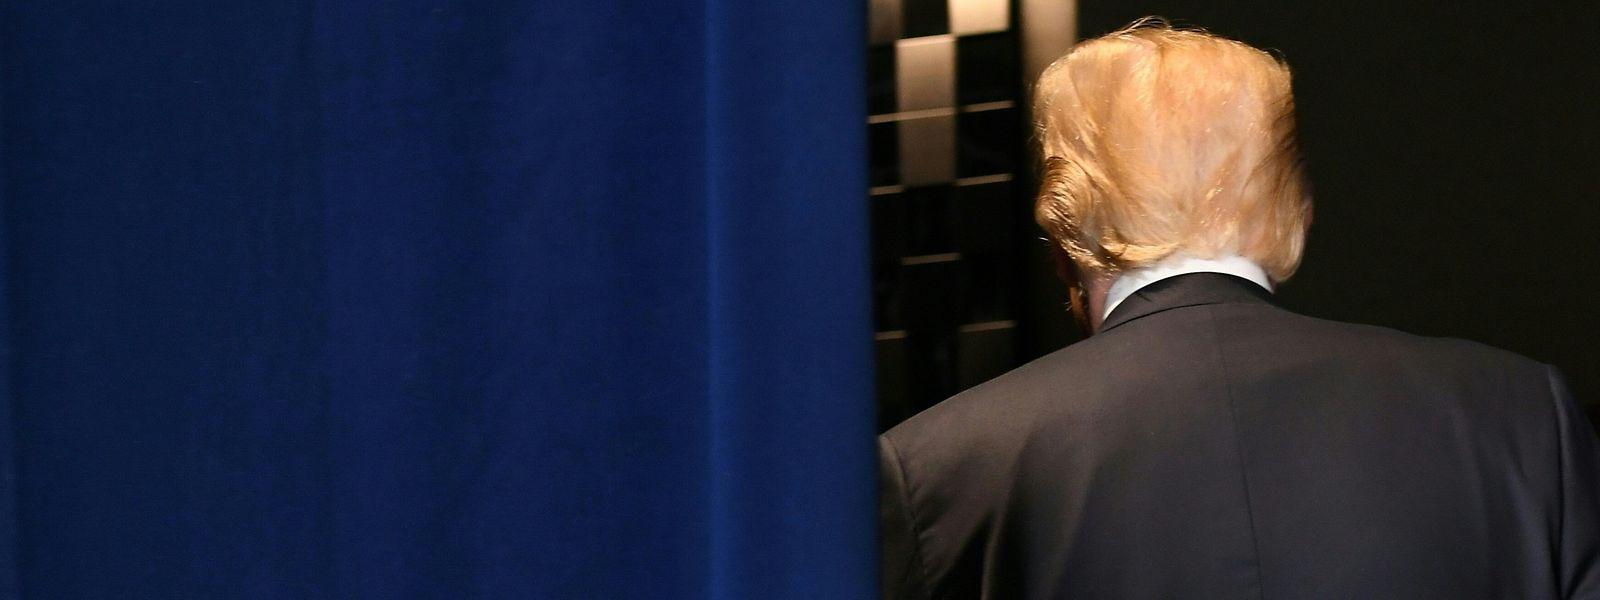 Es war ein unrühmlicher Abgang für den US-Präsidenten, der sich nicht nur fünf Stunden vor dem eigentlichen Ende aus dem Staub machte, sondern auch die gemeinsame Erklärung aufkündigte.